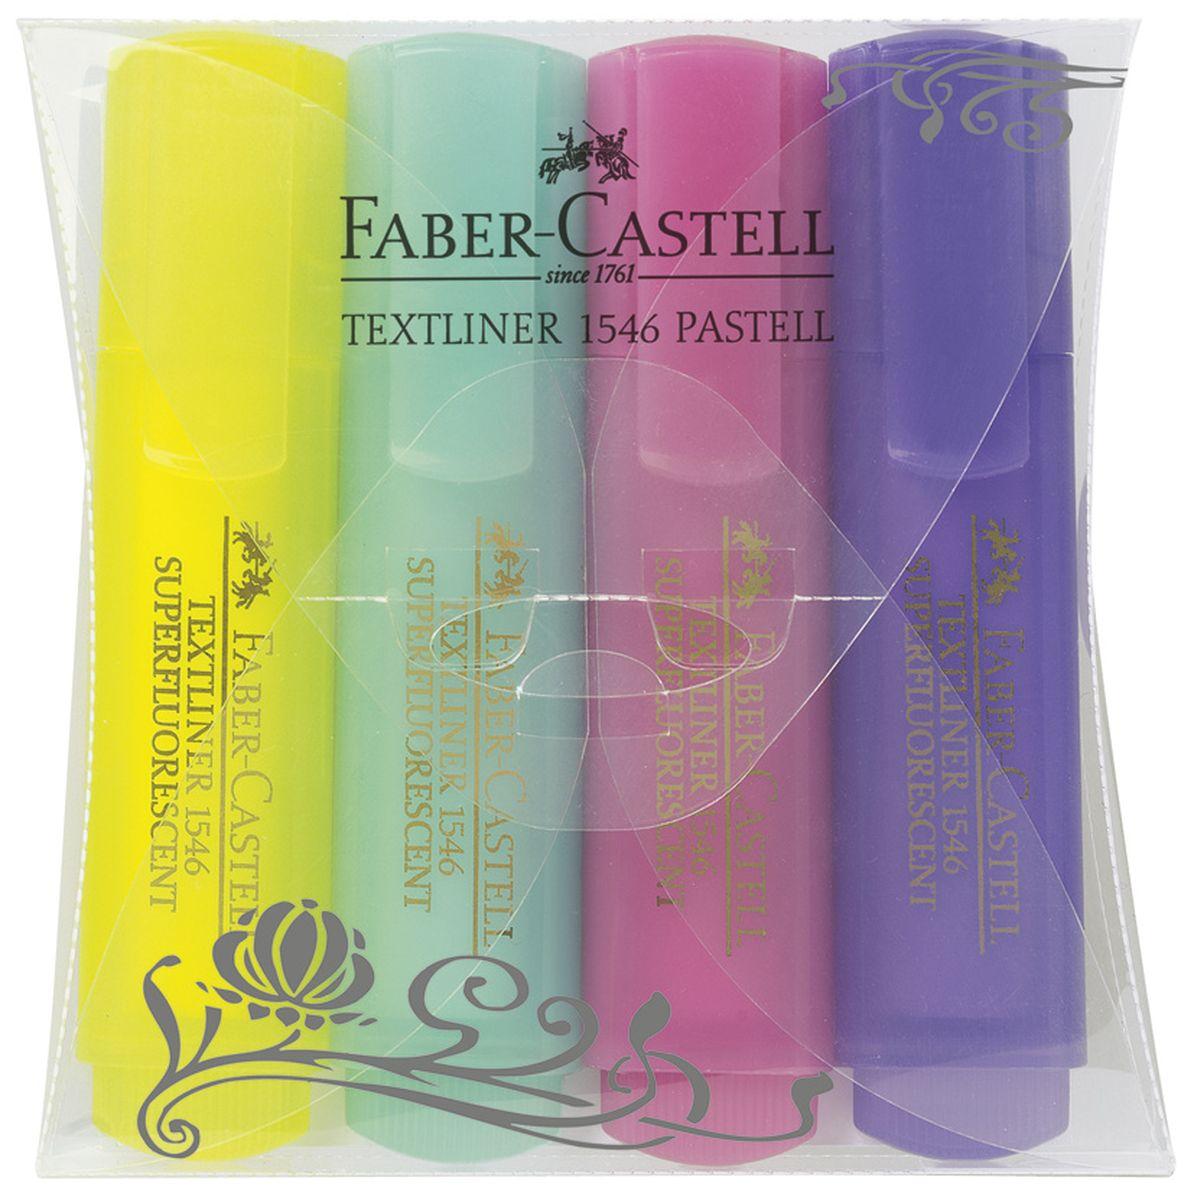 Faber-Castell Текстовыделитель 4 цвета154610Суперфлуоресцентный текстовыделитель Faber-Castell подойдет для выделения текстов на разных видах бумаги, в том числе на бумаге для факсов и копировальных машин, и станет незаменимым атрибутом работы в офисе. Текстовыделитель с клиновидным острием обладает ярким, насыщенным цветом и четким контуром линии шириной 2-5 мм. В наборе 4 текстовыделителя пастельных цветов в привлекательном прозрачном корпусе.